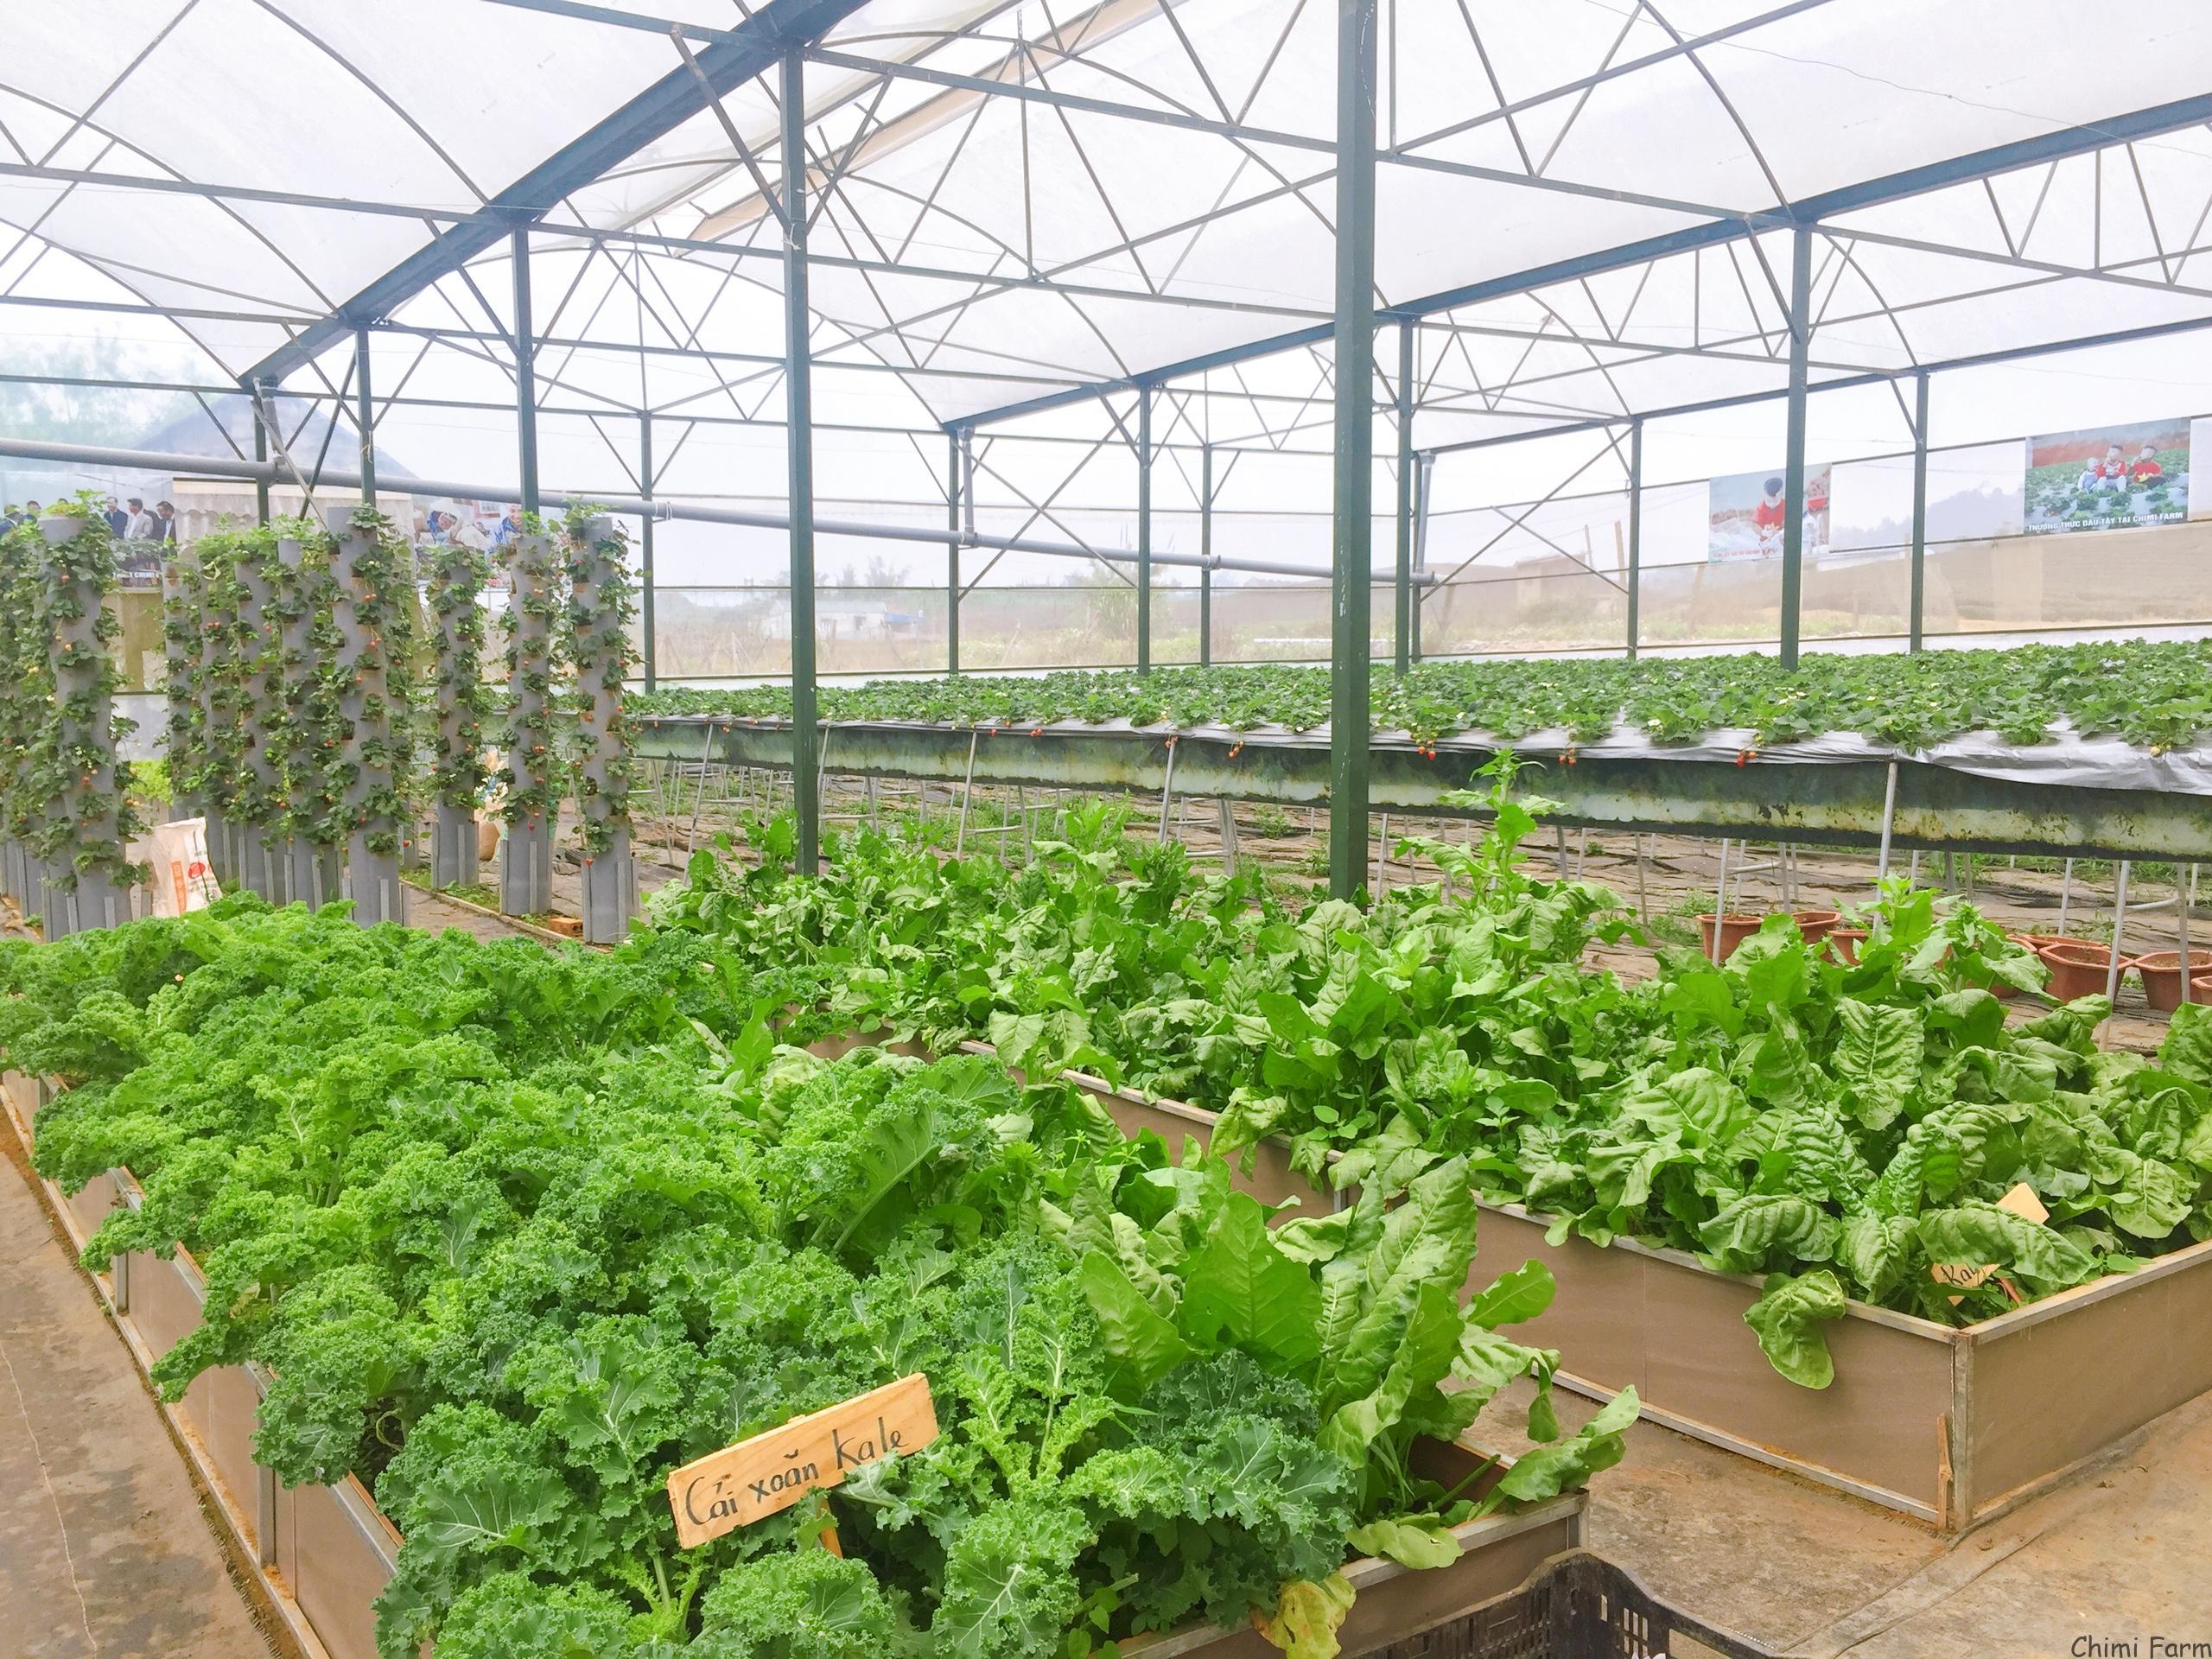 Cảnh quan của Chimi farm 2 bên cạnh đồi chè trái tim